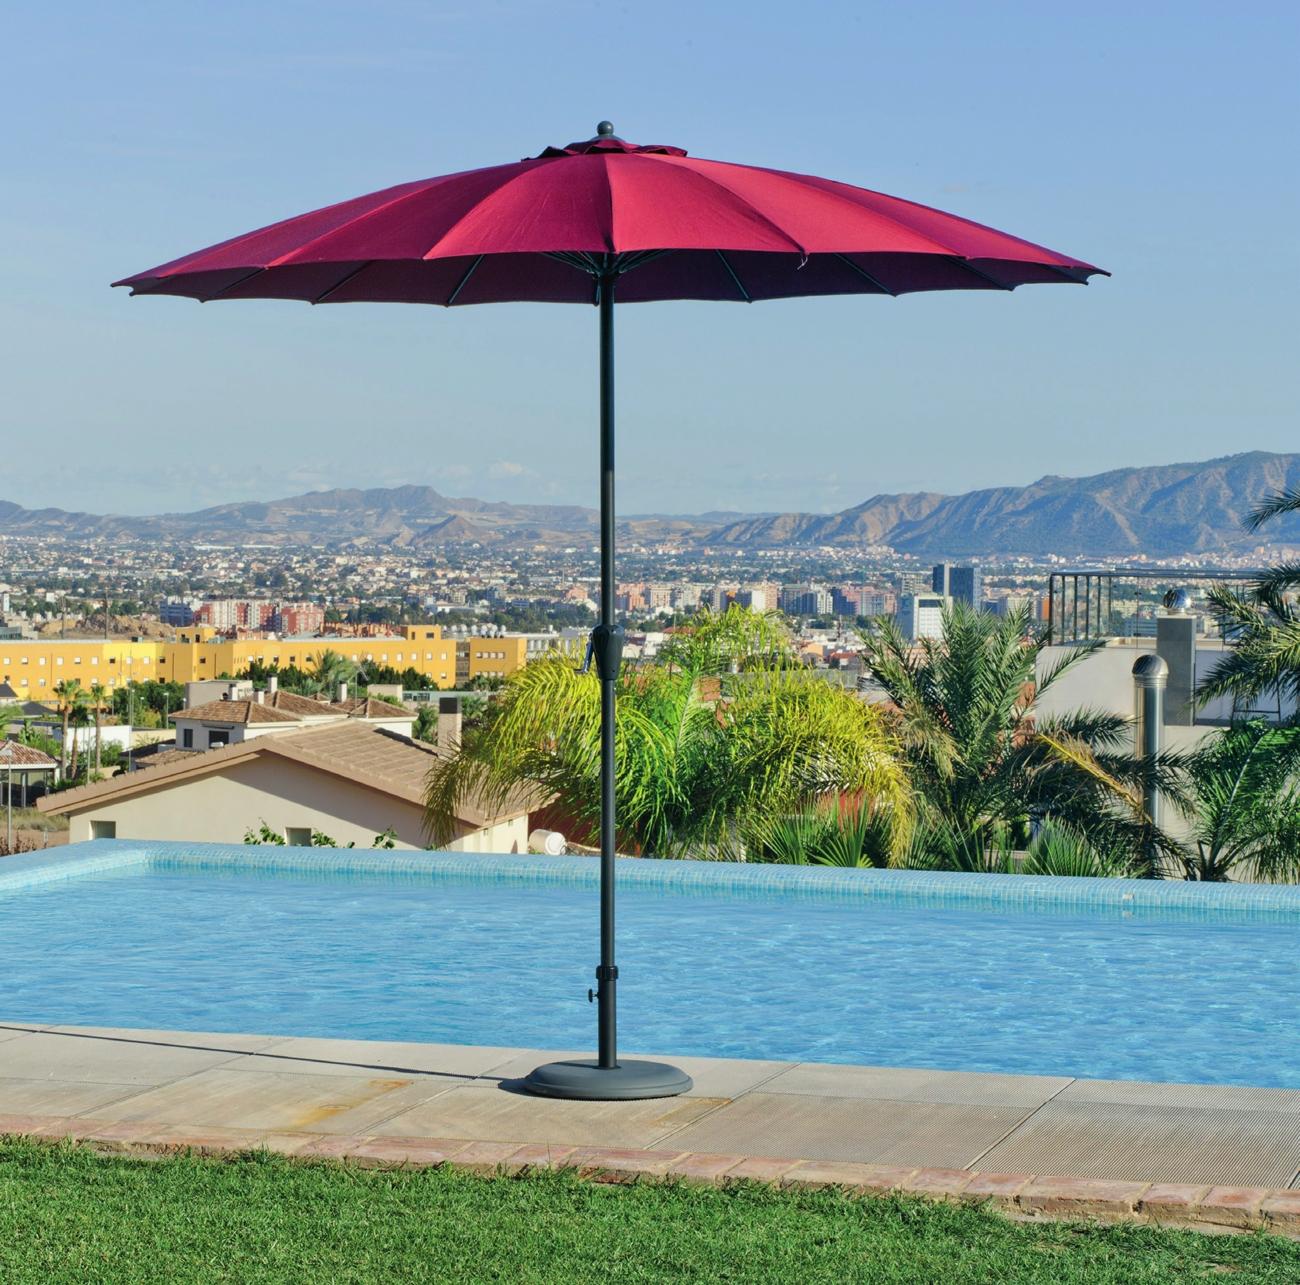 Parasoles o sombrillas para la terraza y jardin